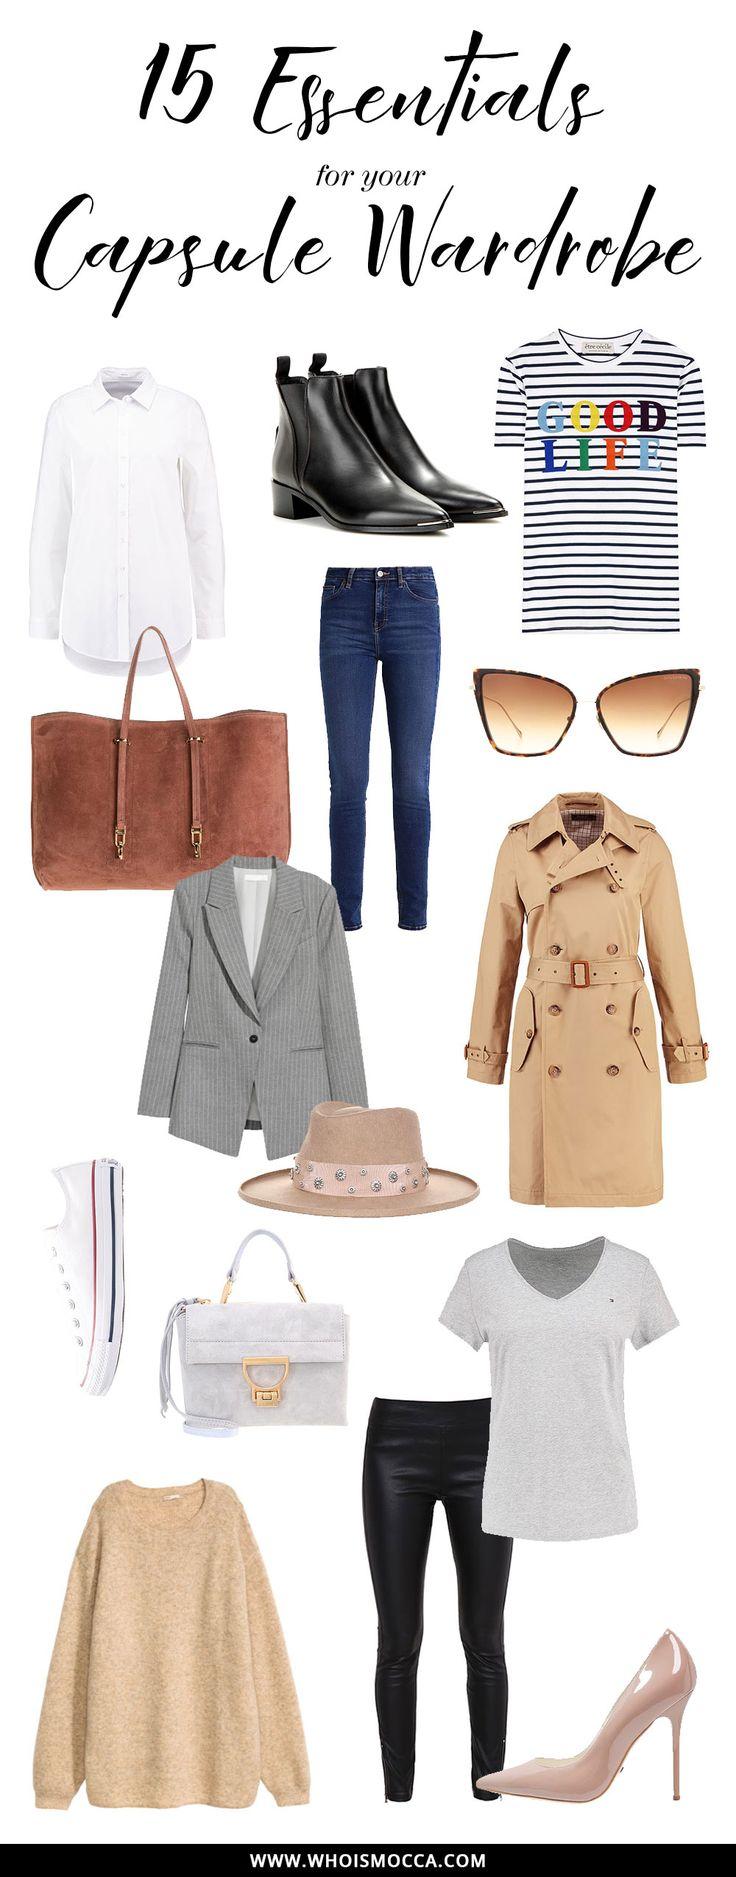 Werbung, How to create a Capsule Wardrobe! Kleiderschrank-Basics: 15 Must-Haves und Wardrobe Key-Pieces, die in keinem Schrank fehlen sollten. Streifenshirt, weiße Bluse, Ankle Boots, die XL-Sonnenbrille und Co. Alles Must-Haves und eine perfekte Ausgangsbasis um sie mit aktuellen Trendteilen zu kombinieren. Mehr auf meinem Fashion Blog www.whoismocca.com